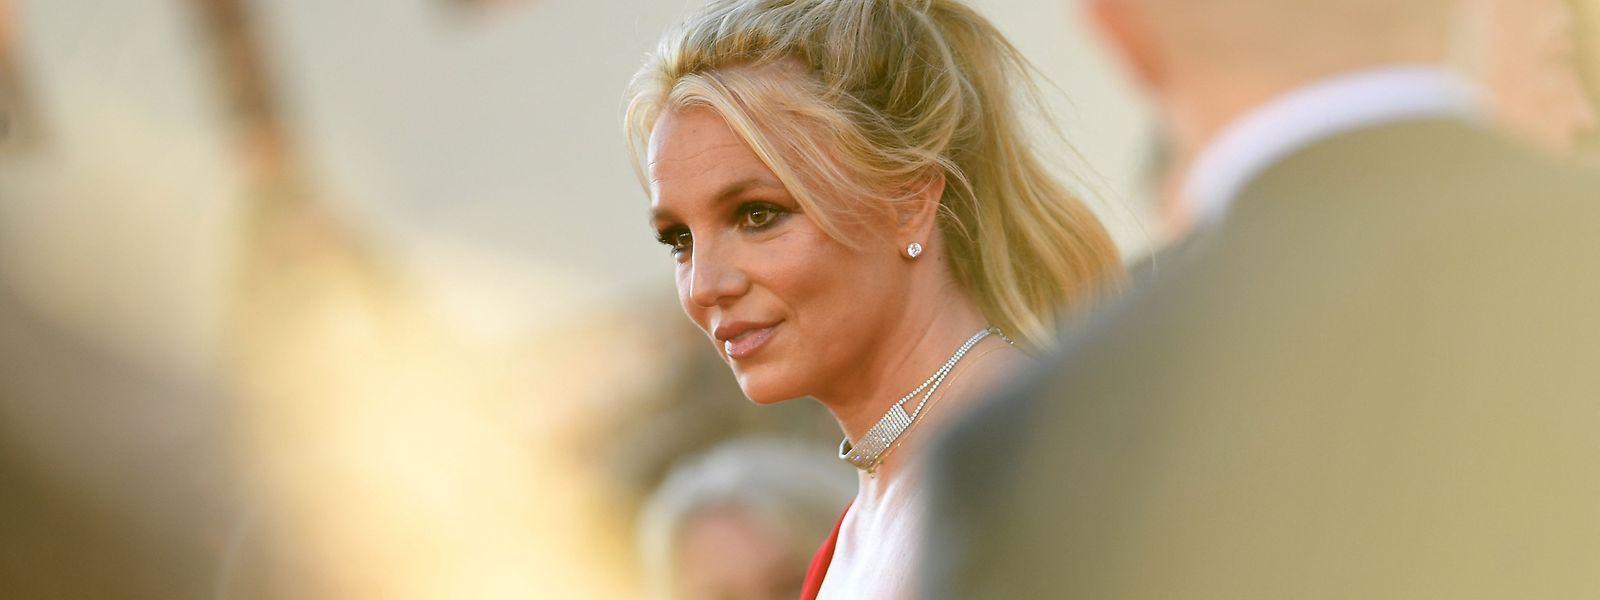 Britney Spears steht seit 2008 unter der Vormundschaft ihres Vaters, nachdem sie wegen privater und beruflicher Probleme psychisch zusammengebrochen war.